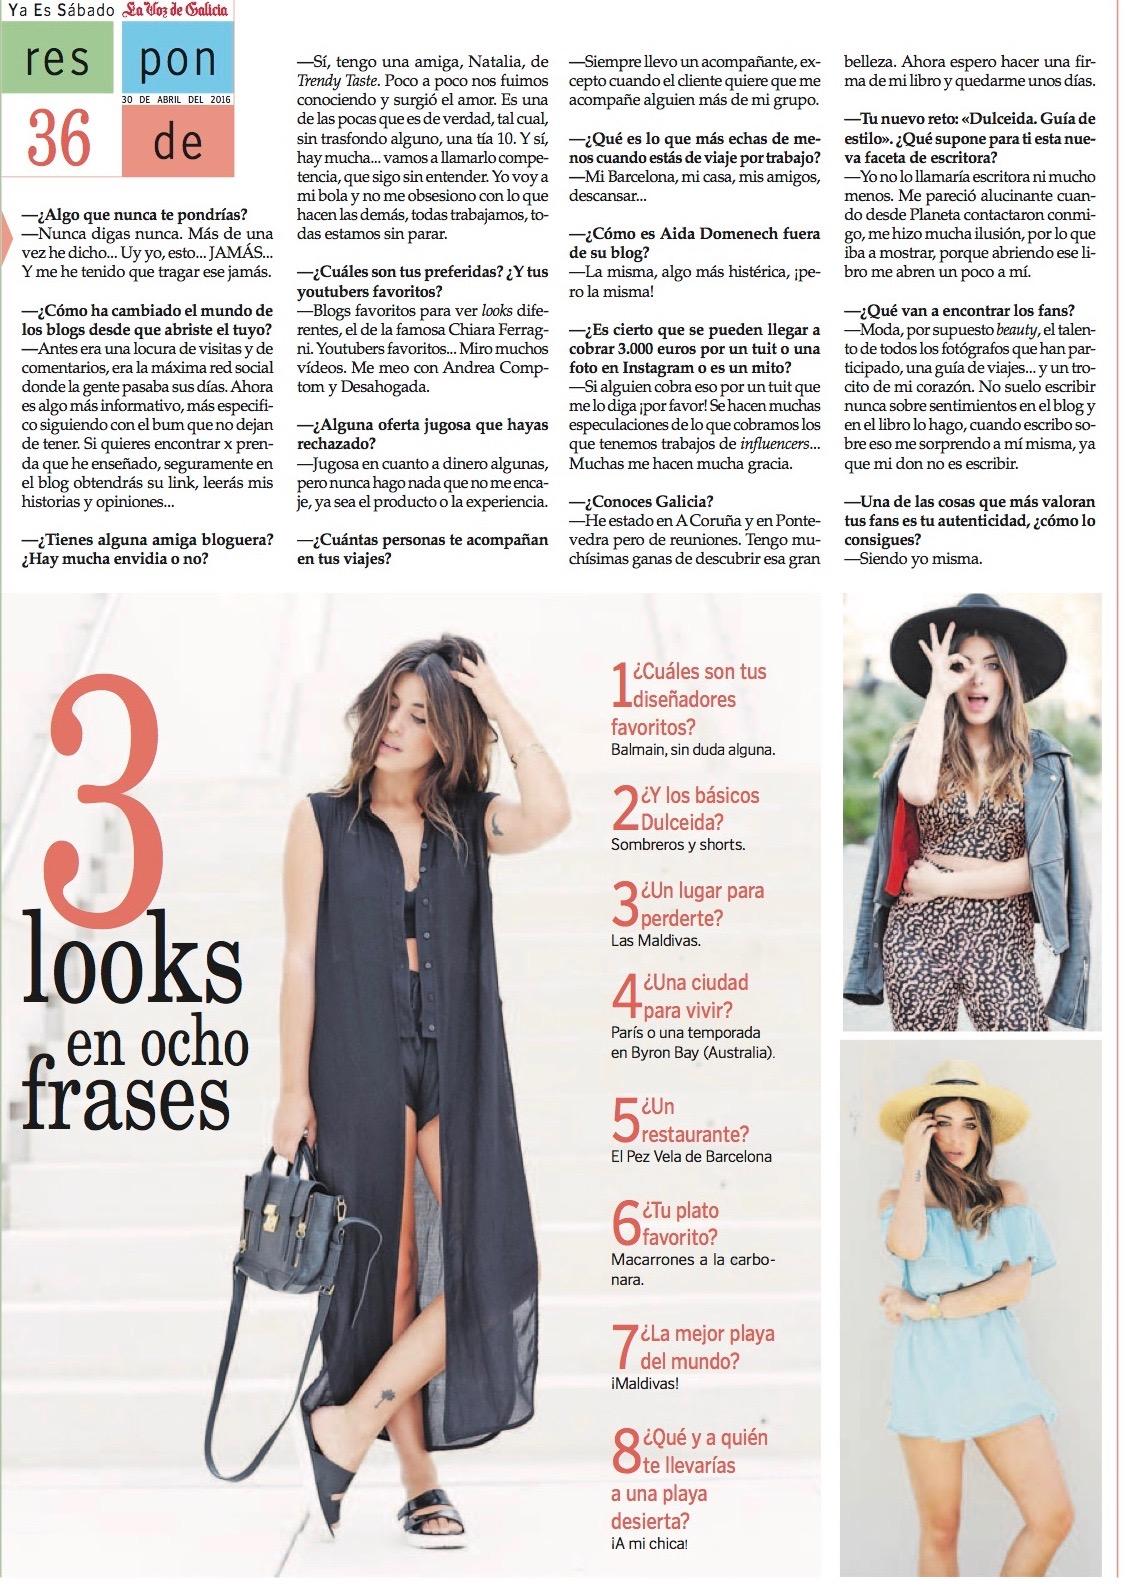 entrevista_dulceida_revista_yes_la_voz_de_galicia_donkeycool_03